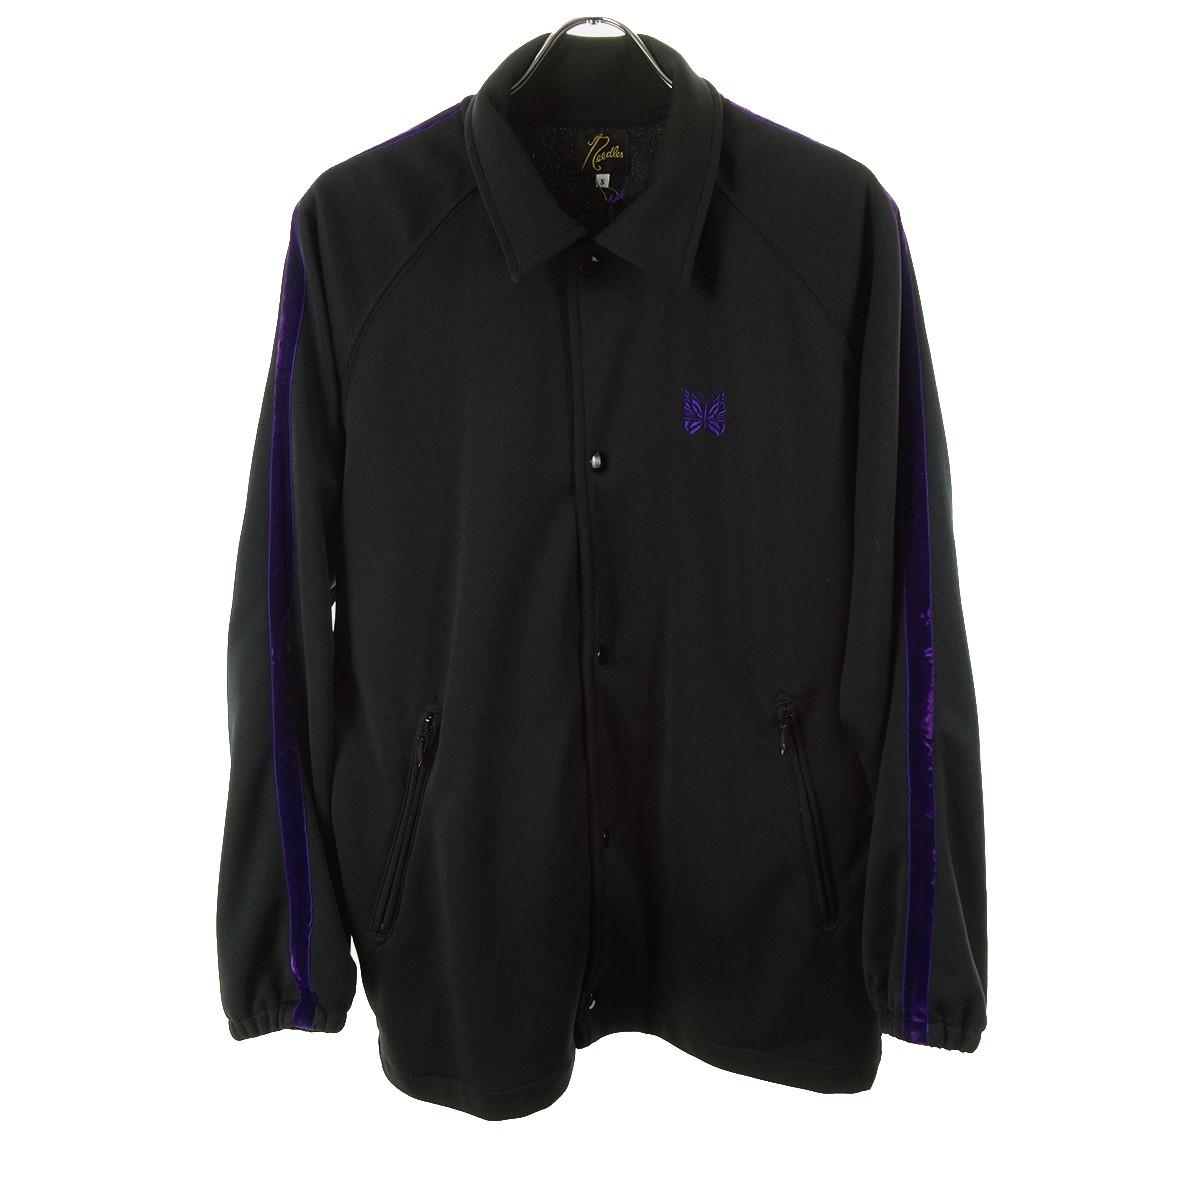 【中古】Needles Side Line Coach Jacket ブラック×パープル サイズ:S 【200320】(ニードルス)